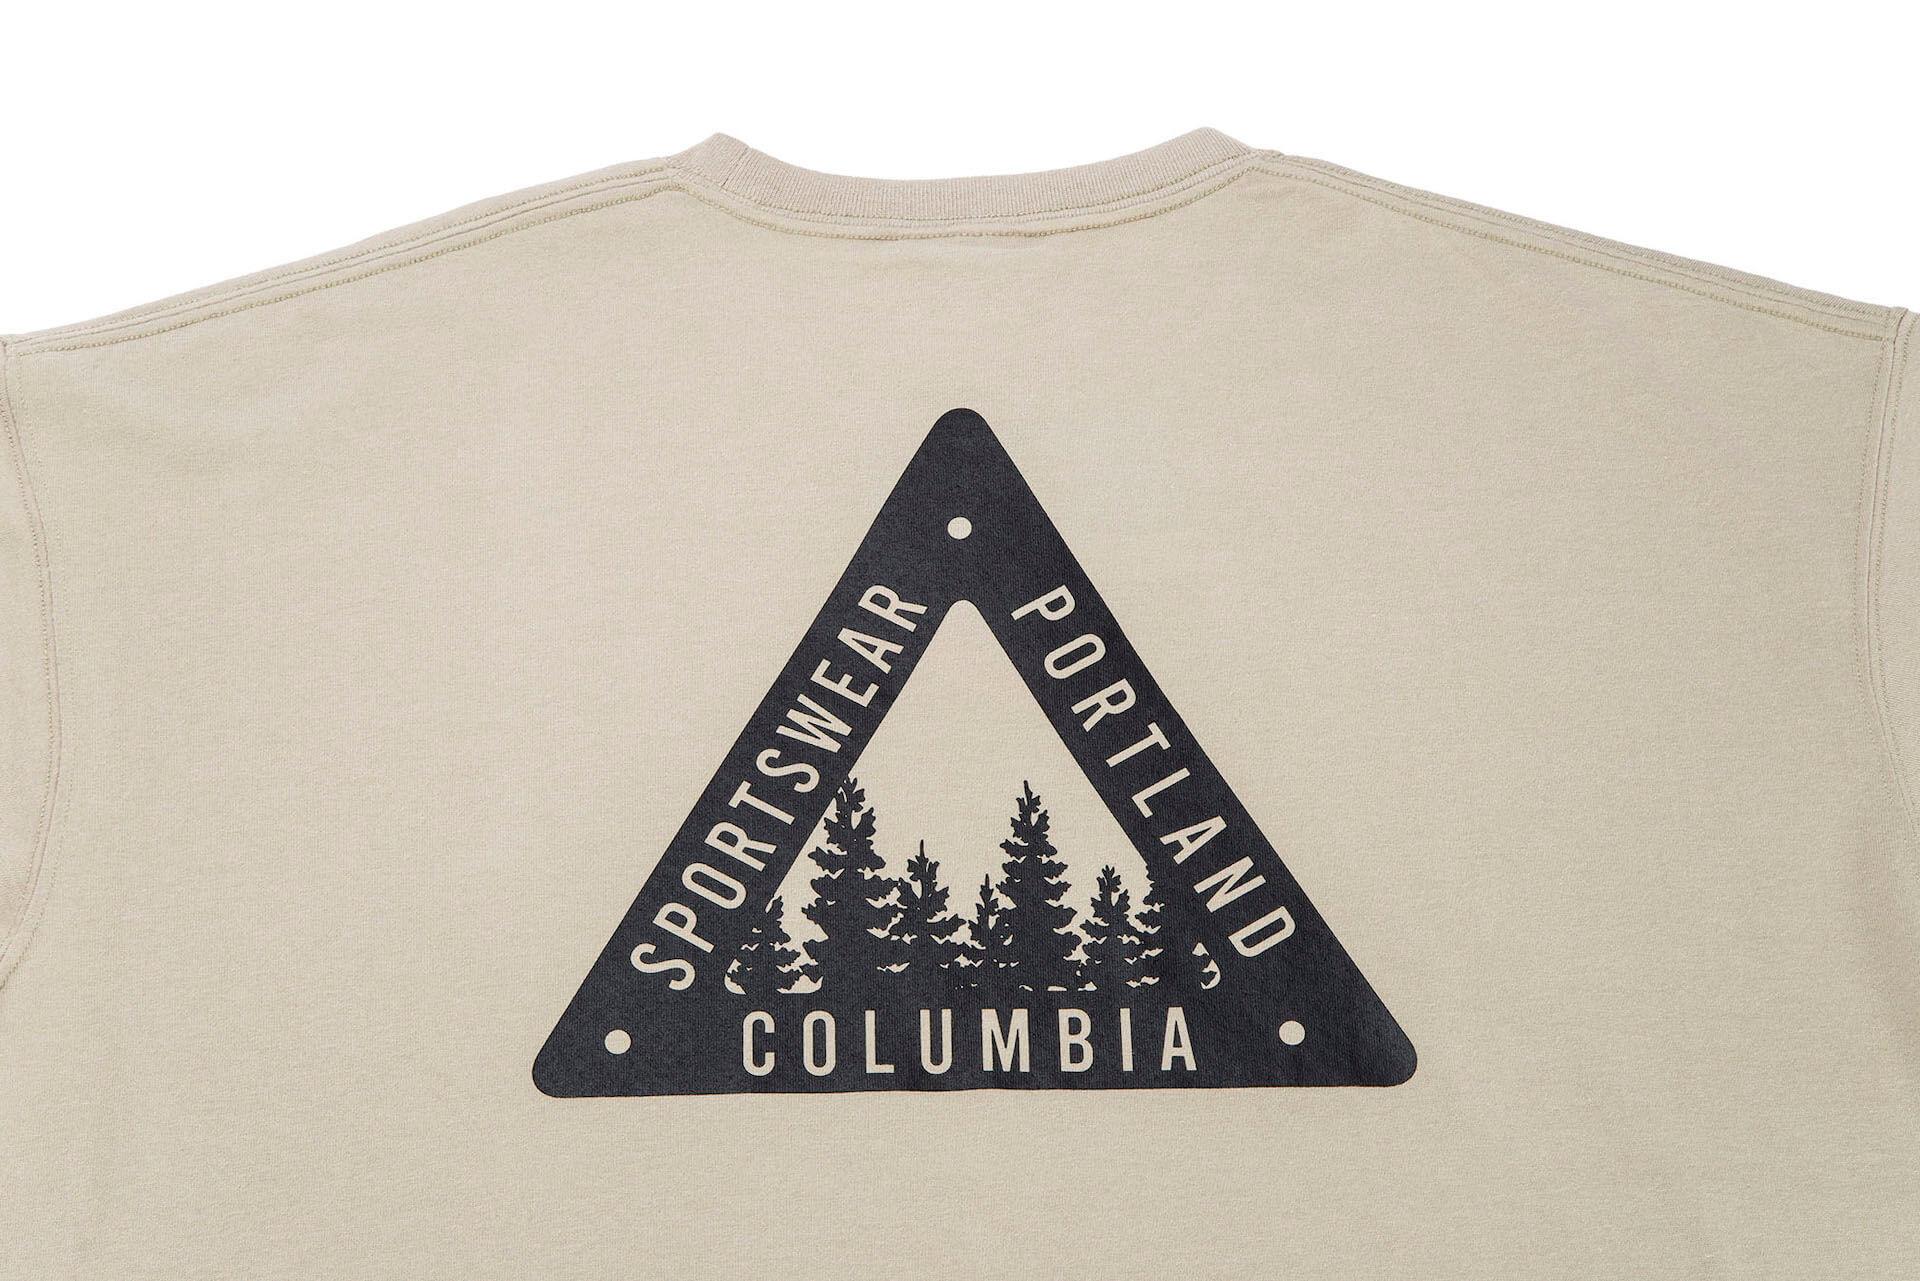 コロンビアとSHIPSのコラボTシャツが限定発売!冷却機能「オムニフリーズゼロ」を搭載した高機能モデル life210408_columbia_ships_5